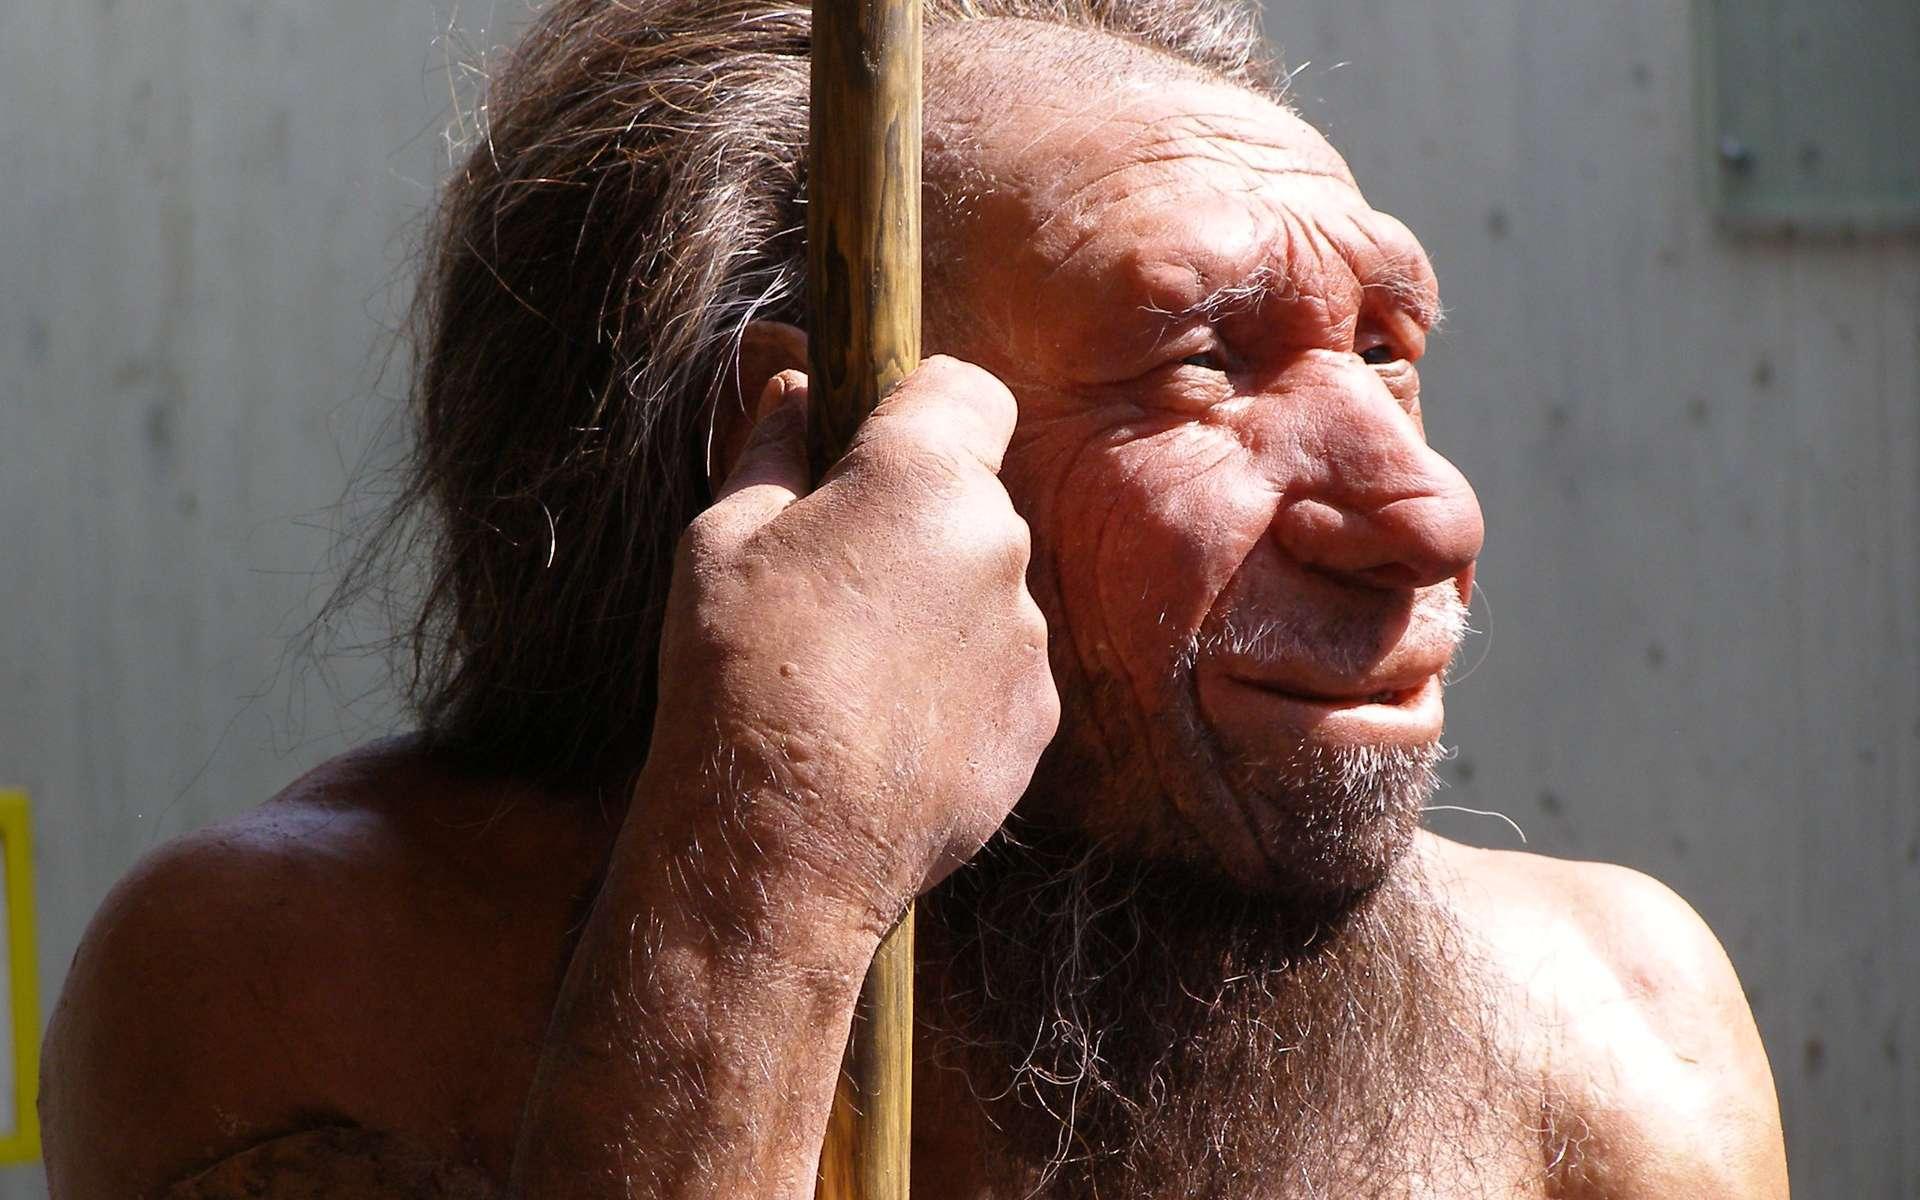 L'Homme de Néandertal ne mangeait pas que des chevaux, des rennes ou des bouquetins. Il semblerait qu'il s'adonnait également au cannibalisme. © Erich Ferdinand, Flickr, CC by 2.0